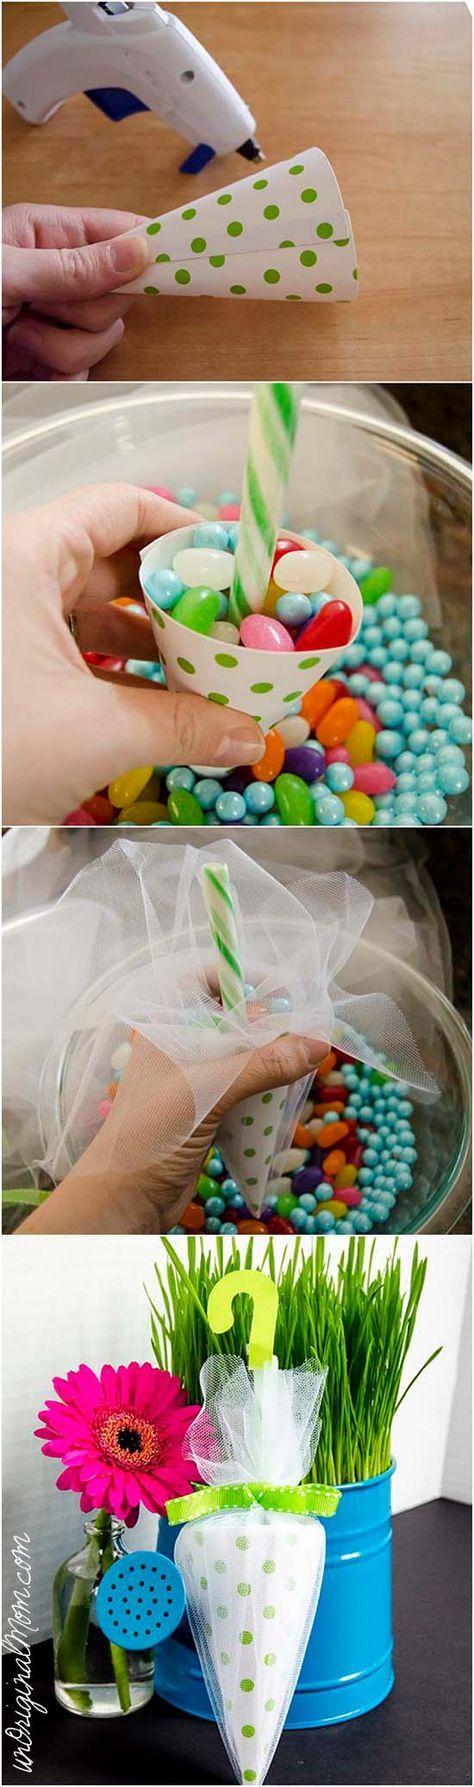 Candy Umbrella Doccia favori - perfetto per una pioggia o un ombrello a tema baby shower o addio al nubilato!